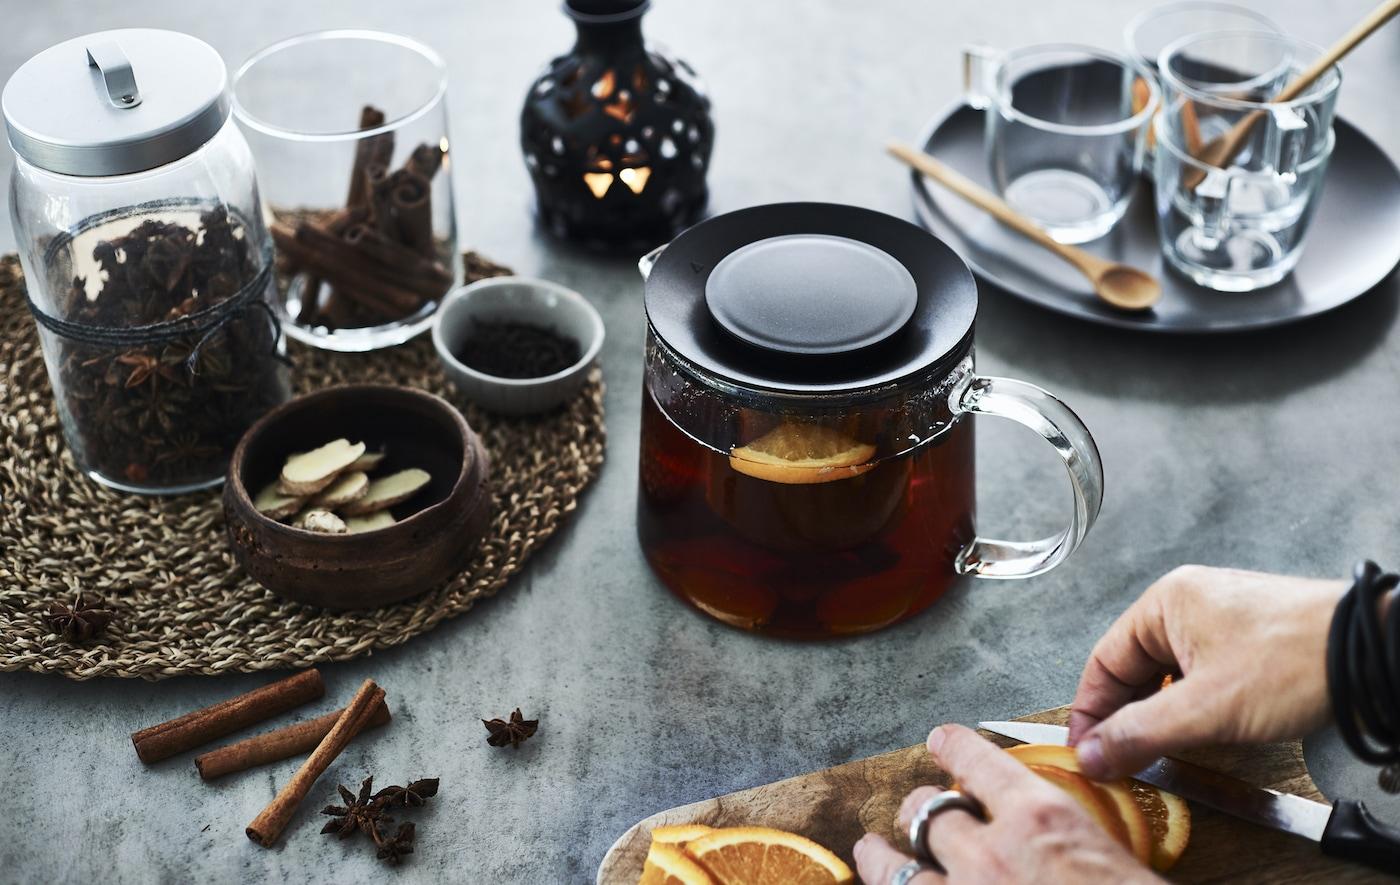 إناء شاي ومرطبانات من التوابل الموسمية.